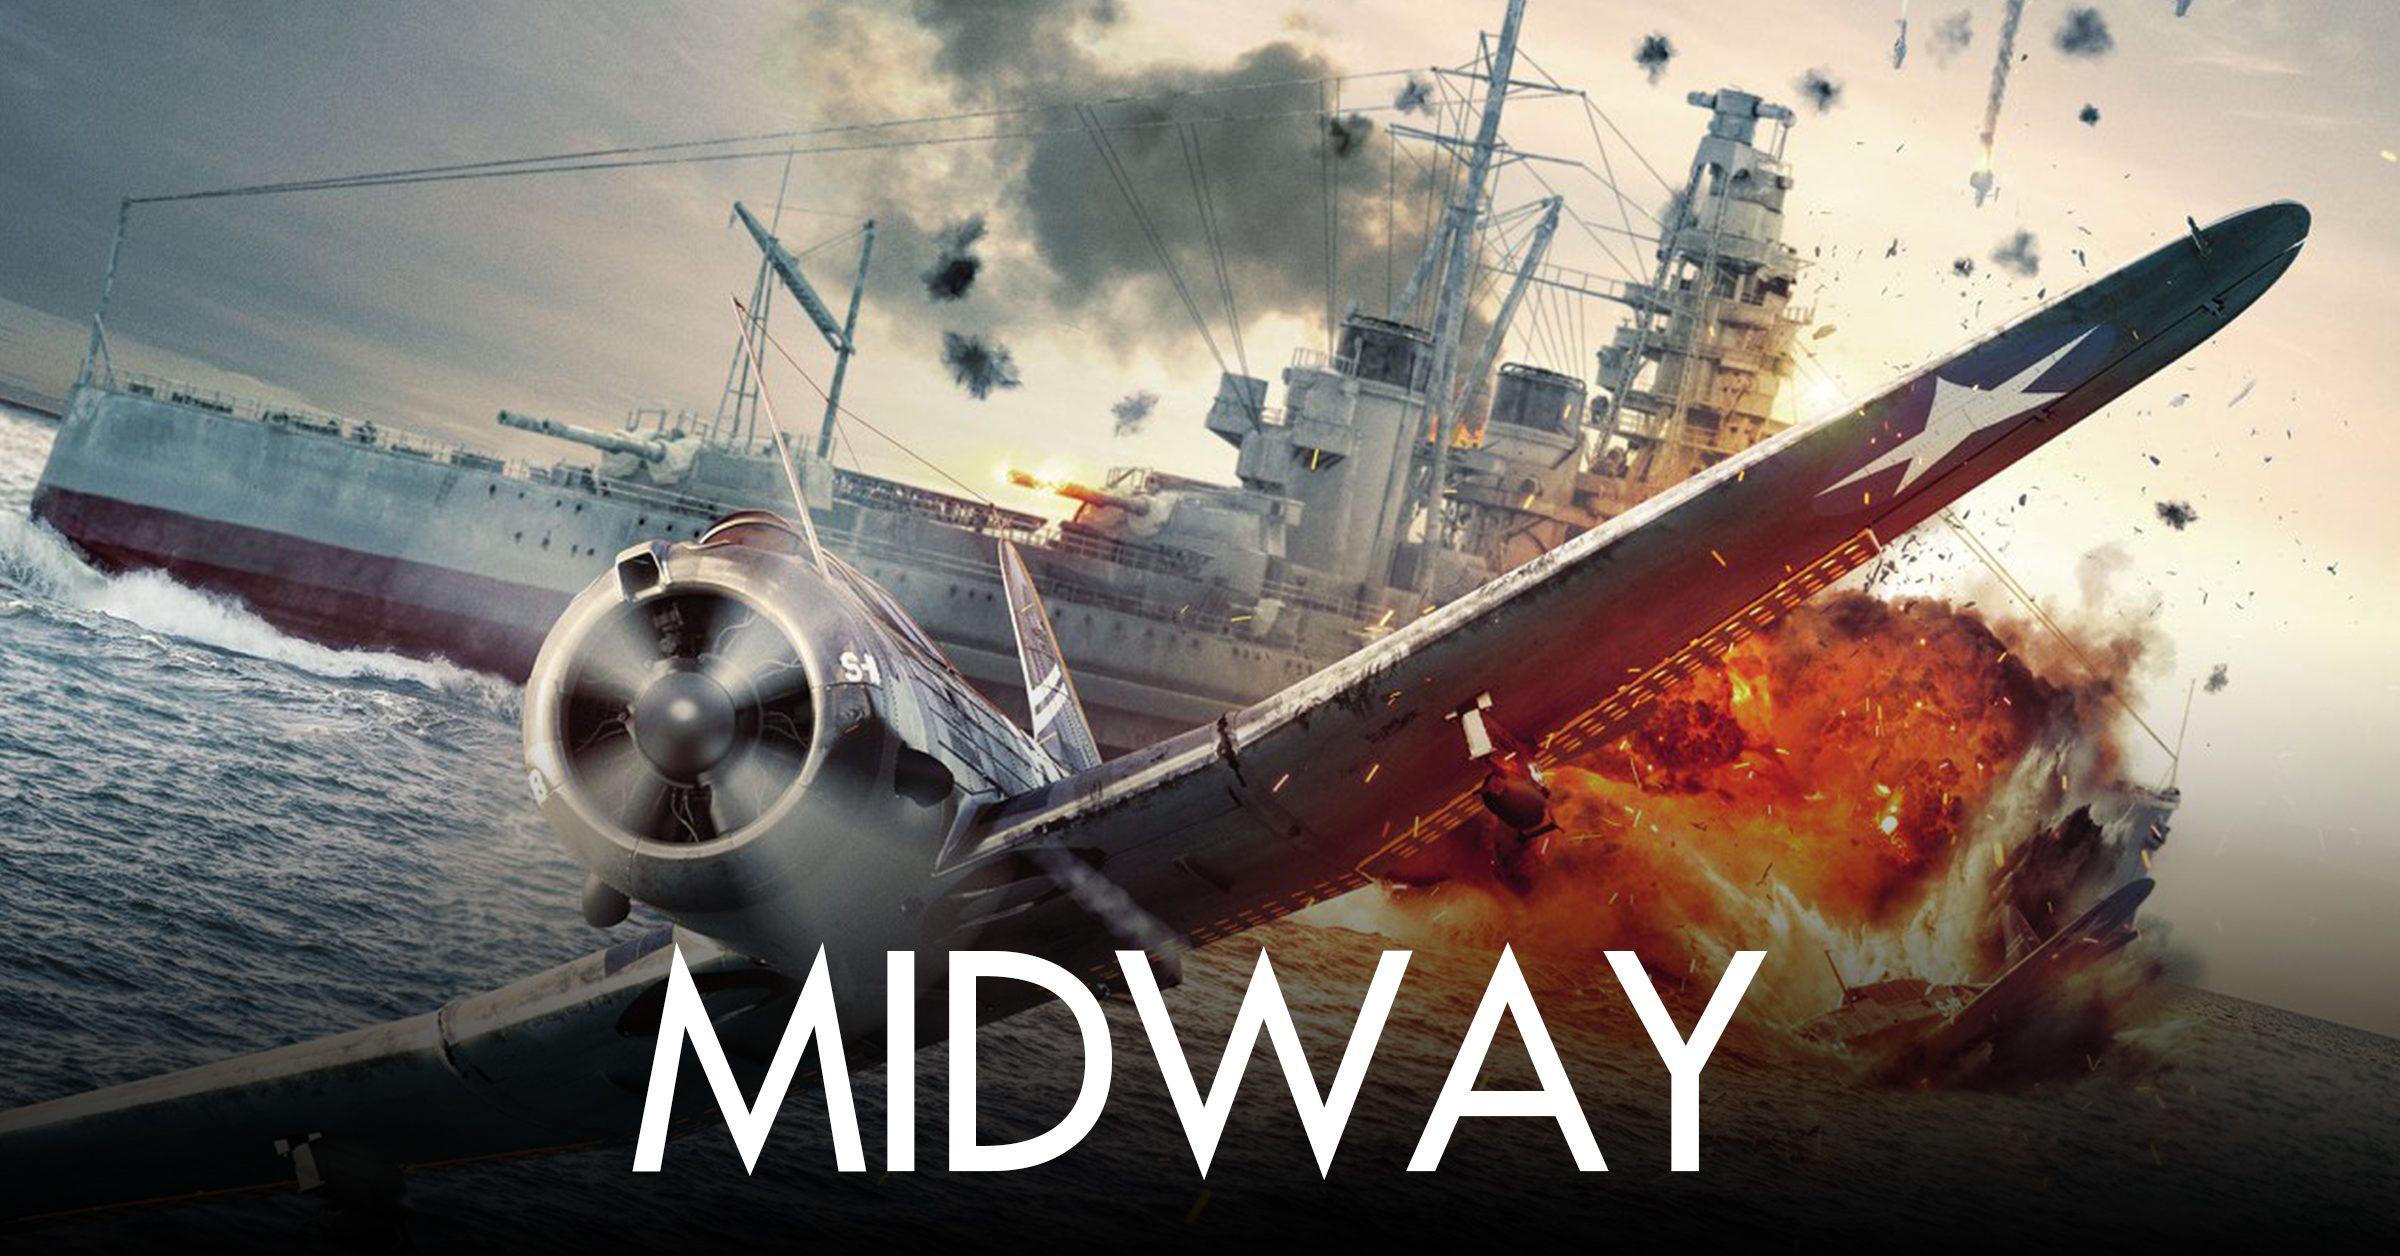 Midway อเมริกา ถล่ม ญี่ปุ่น